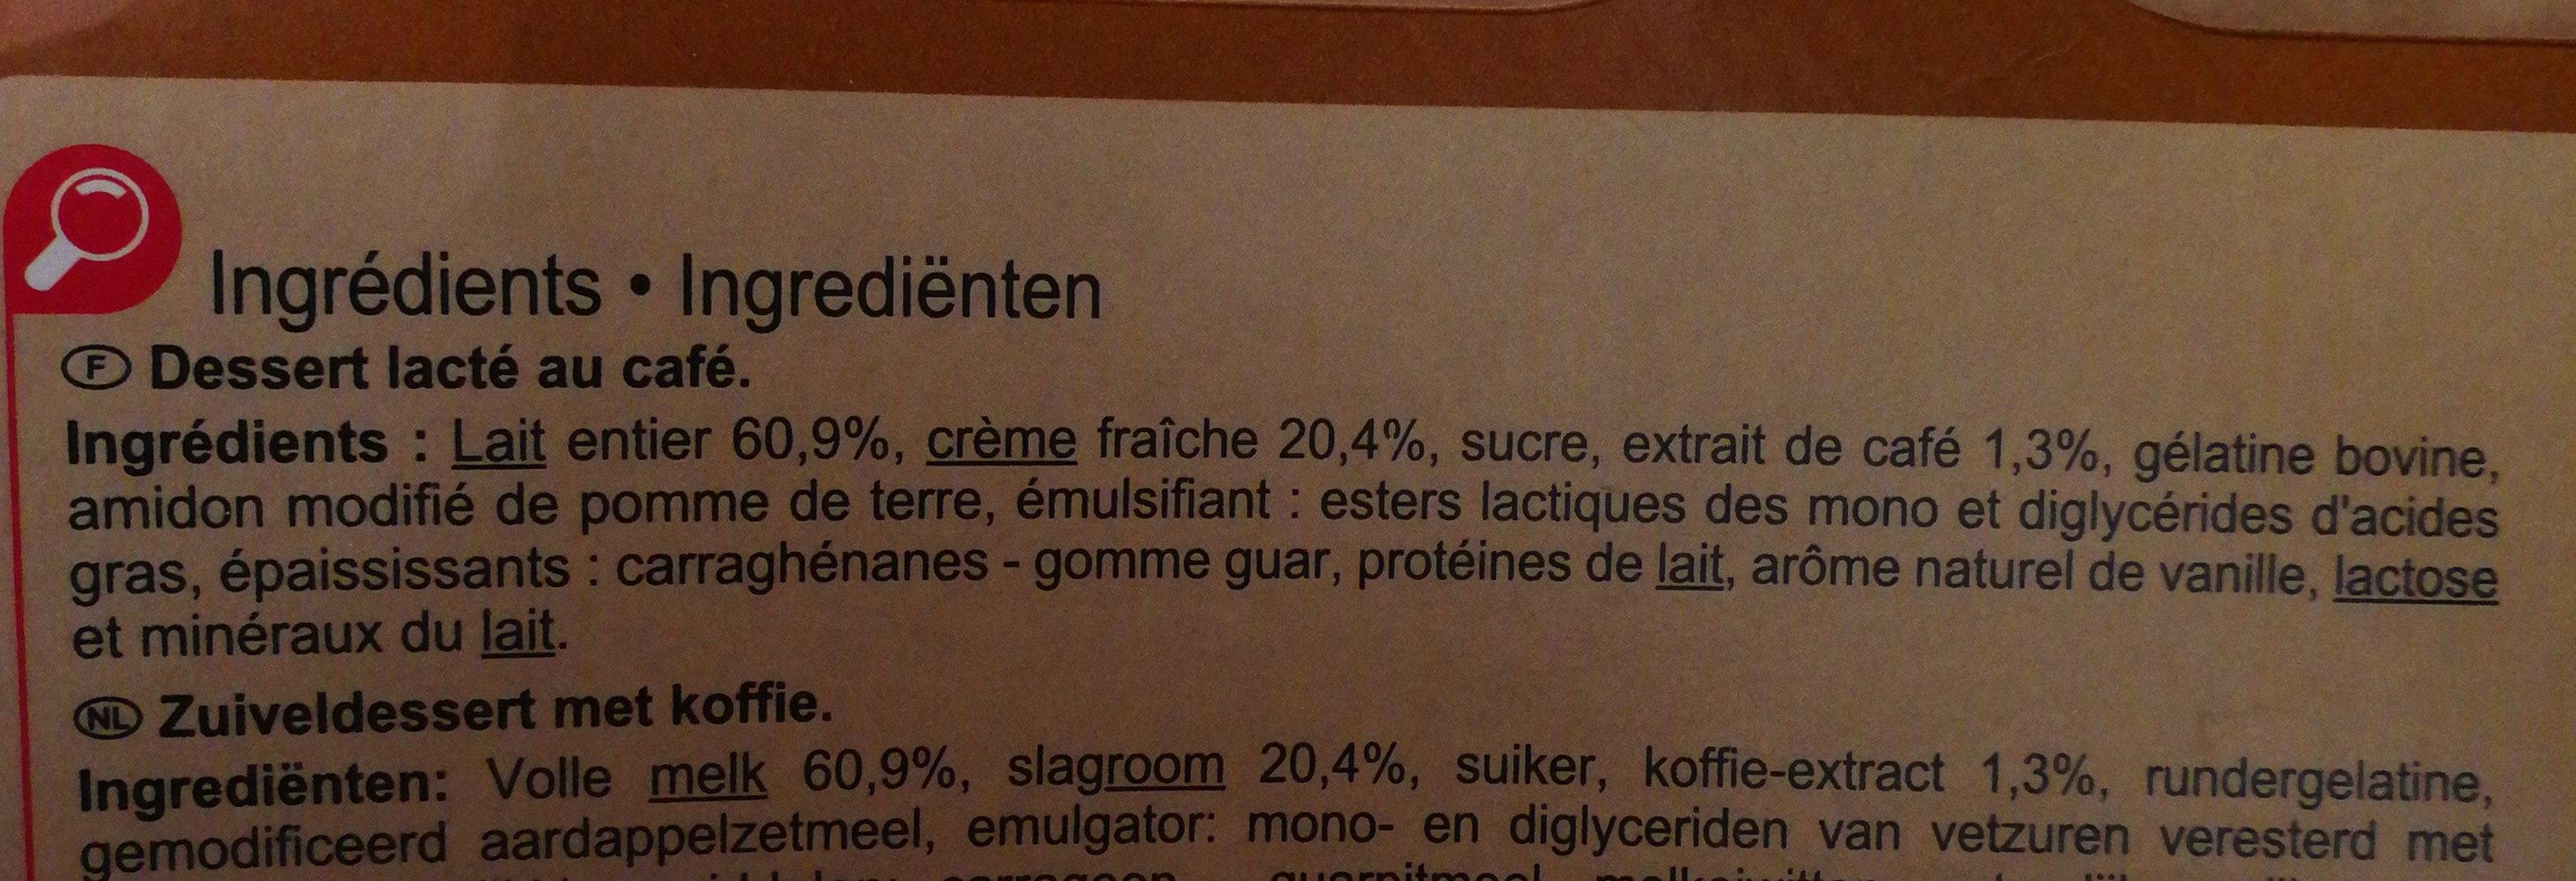 Mousse liégeoise à la crème fraîche Café - Ingredients - fr